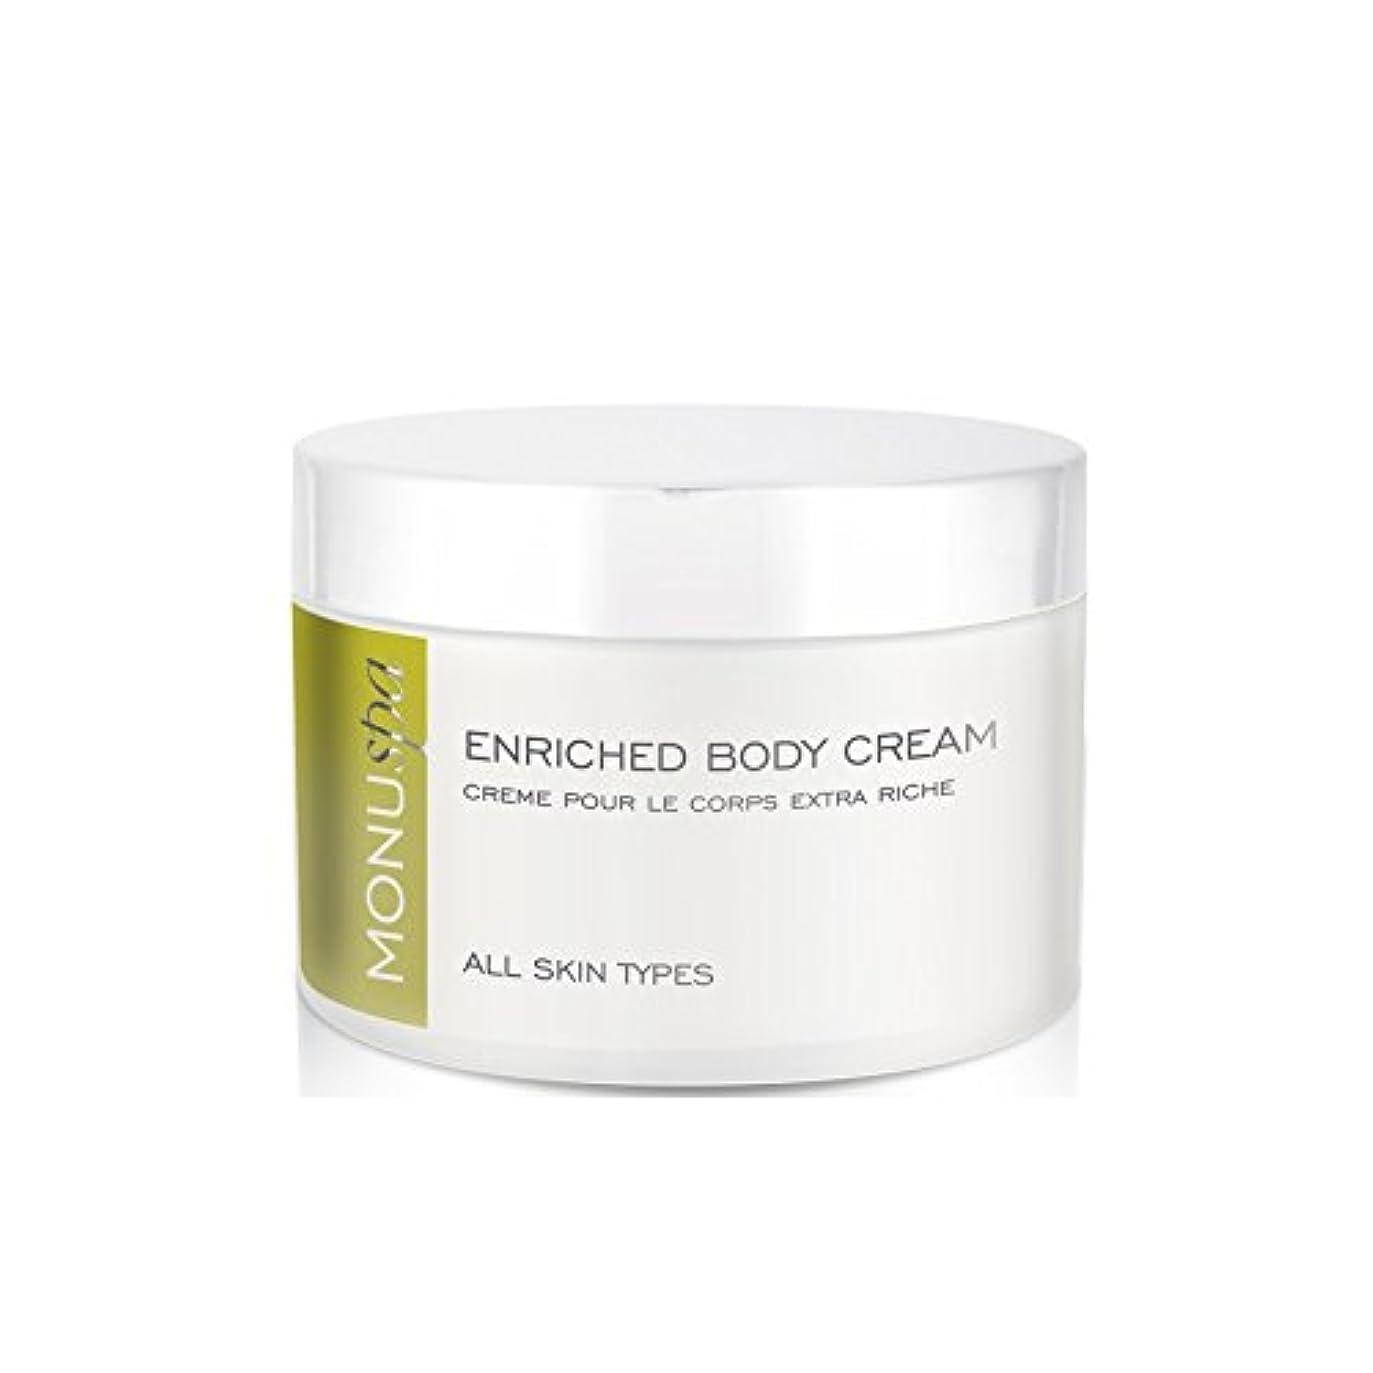 安息富デイジー濃縮ボディクリーム200ミリリットル x4 - MONUspa Enriched Body Cream 200ml (Pack of 4) [並行輸入品]